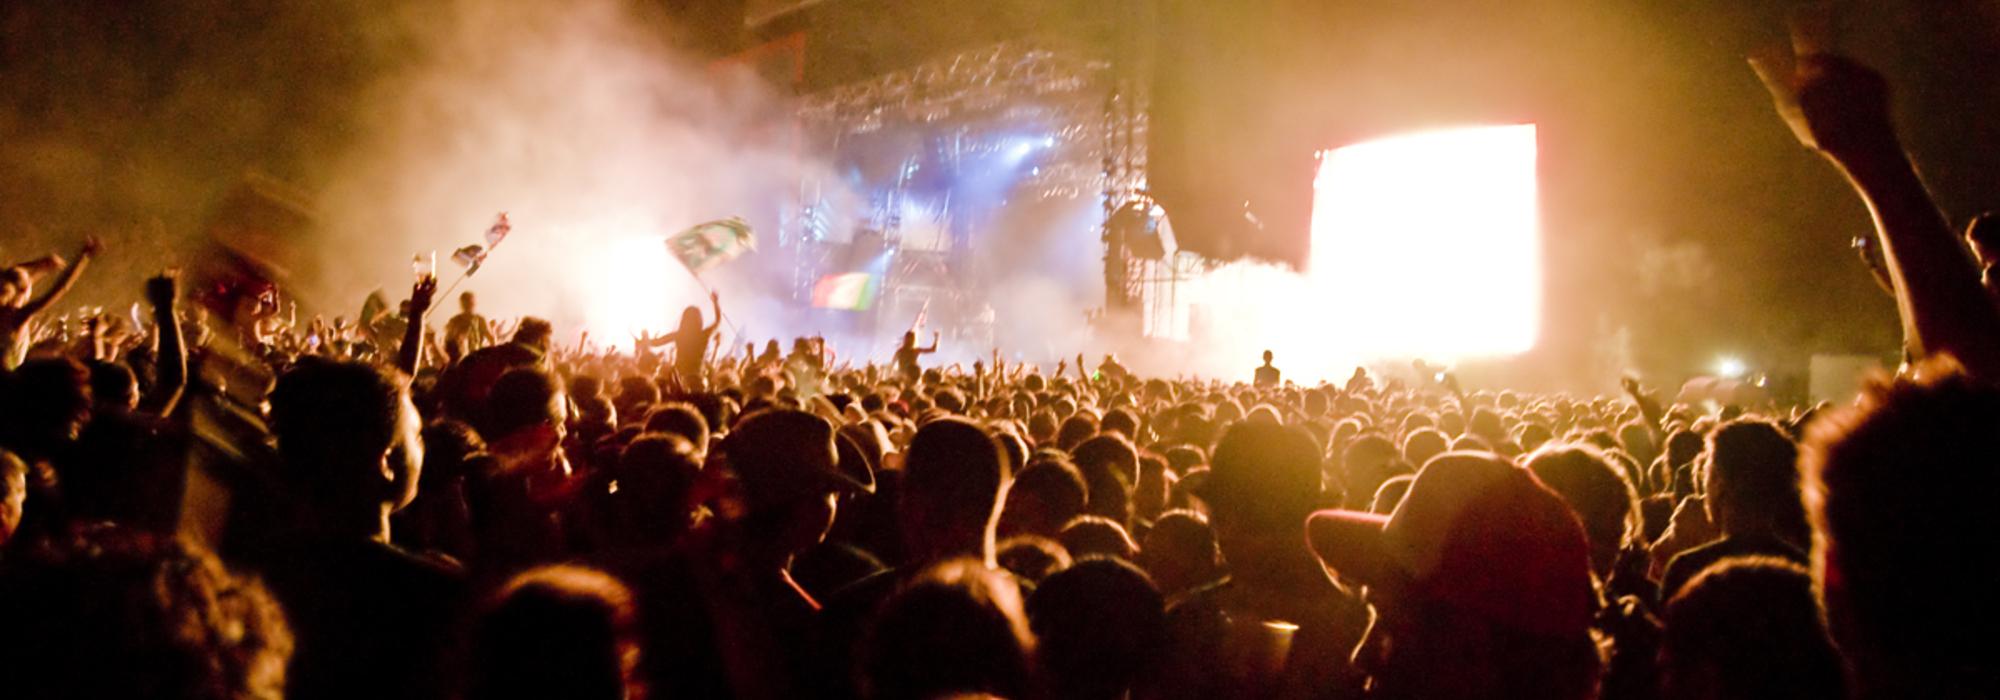 A Reggae Rise Up live event